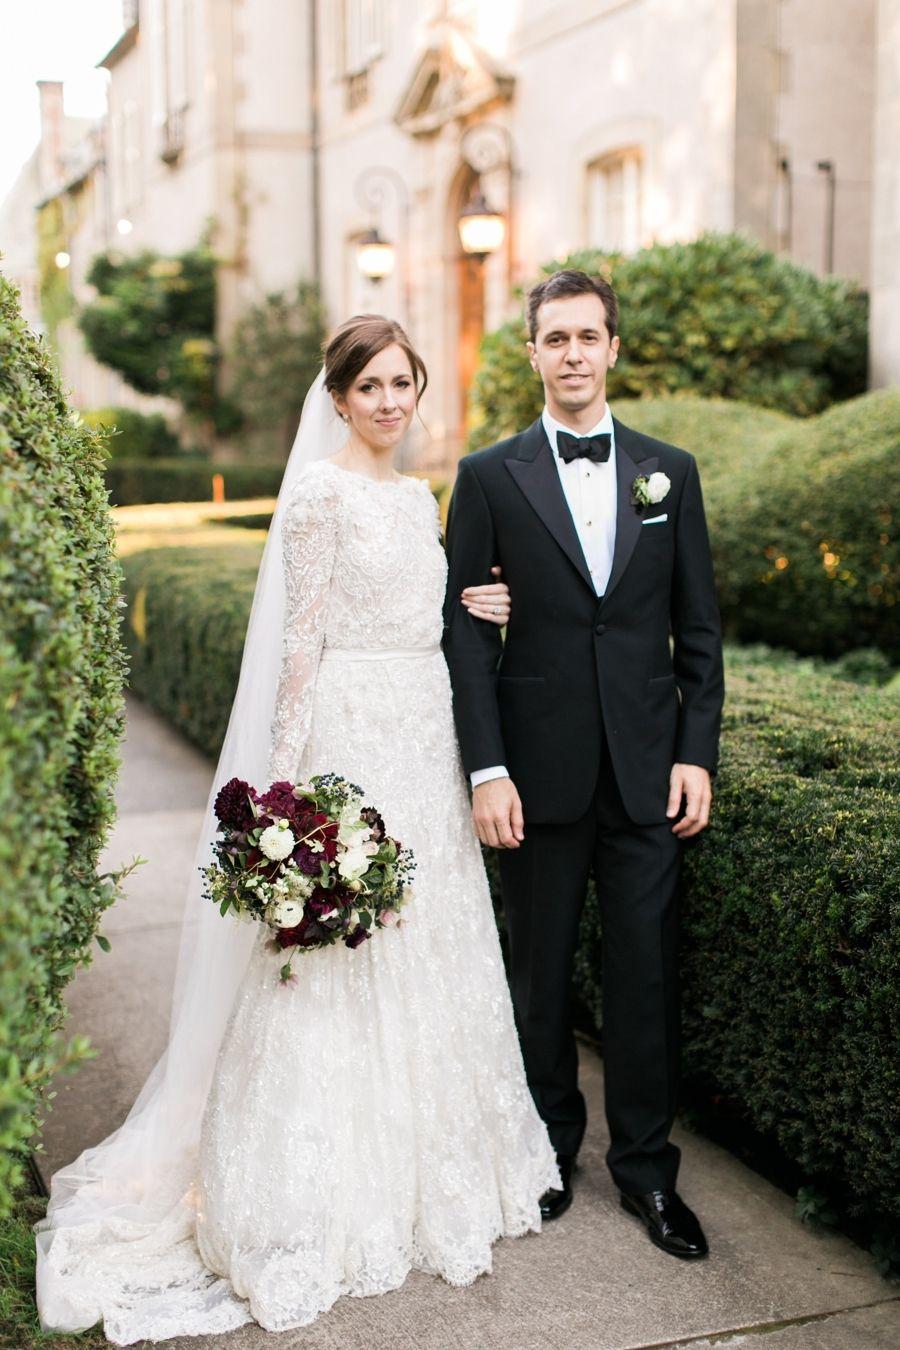 Elegant + Intimate Glen Manor Wedding | Braut-Fotos, Hochzeitskleid ...